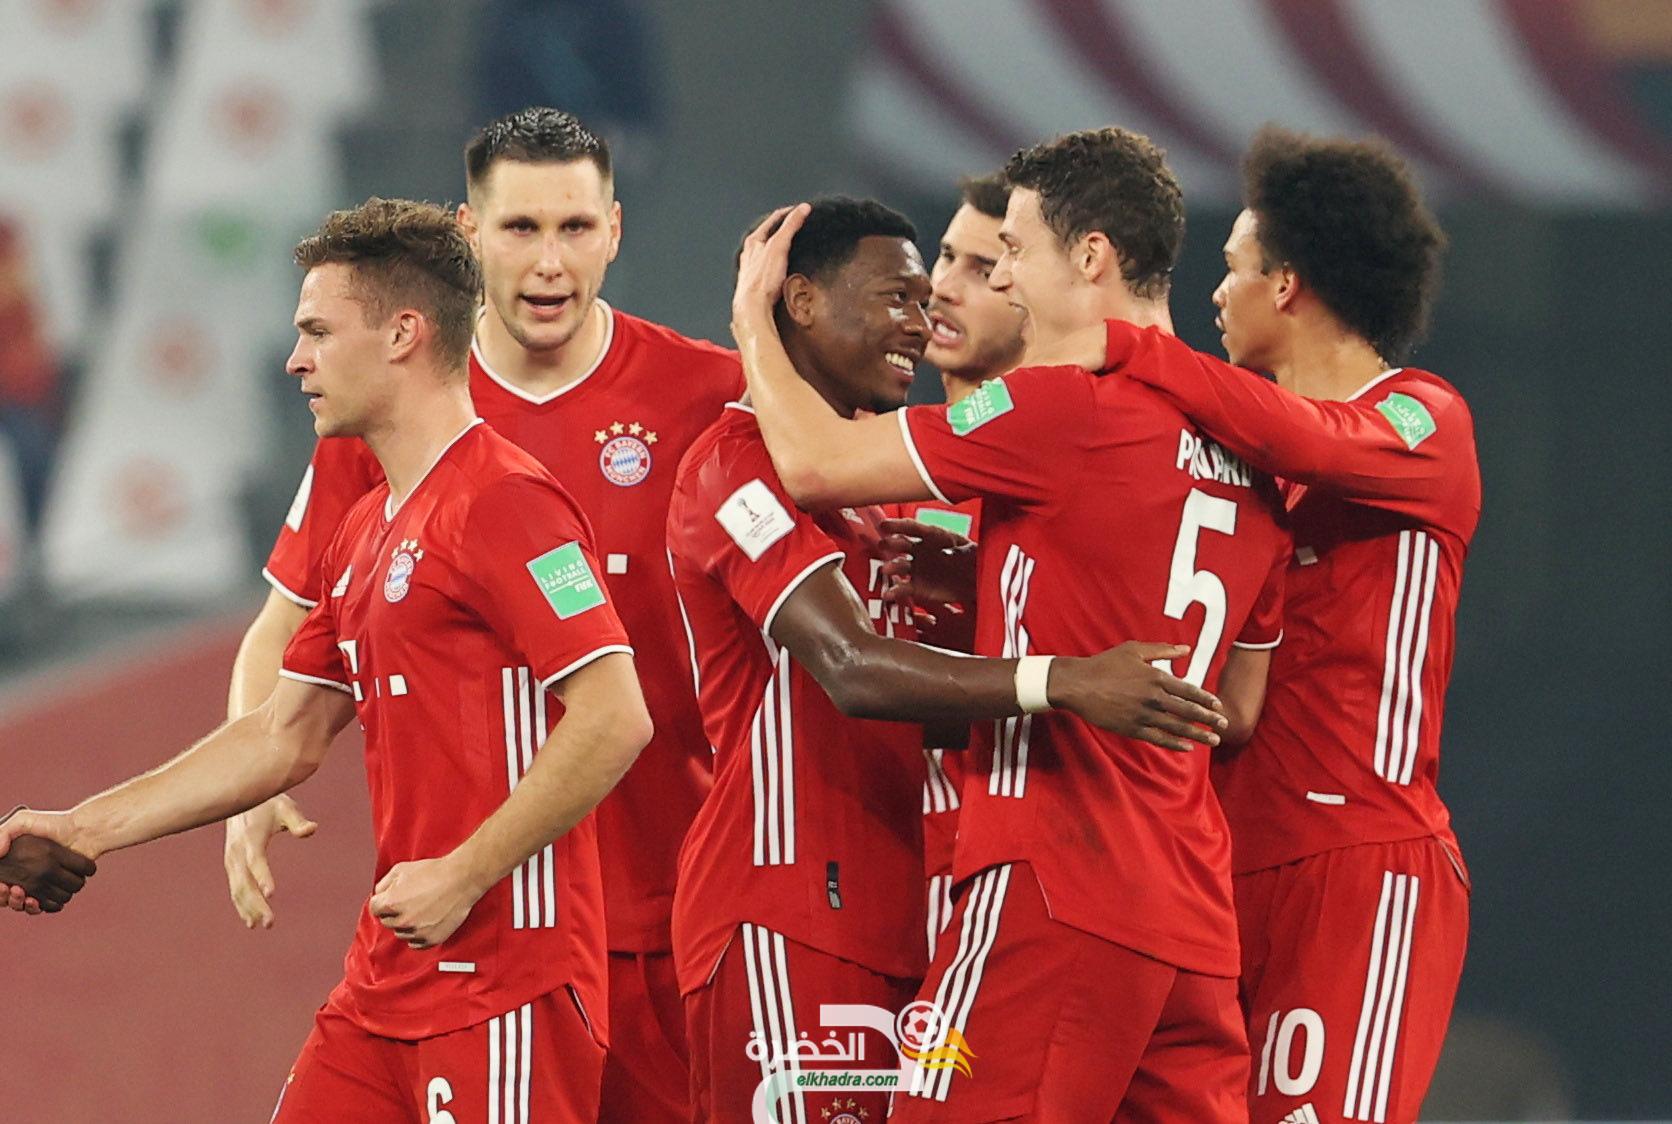 بايرن ميونيخ بطلًا لـ كأس العالم للأندية 2020 23